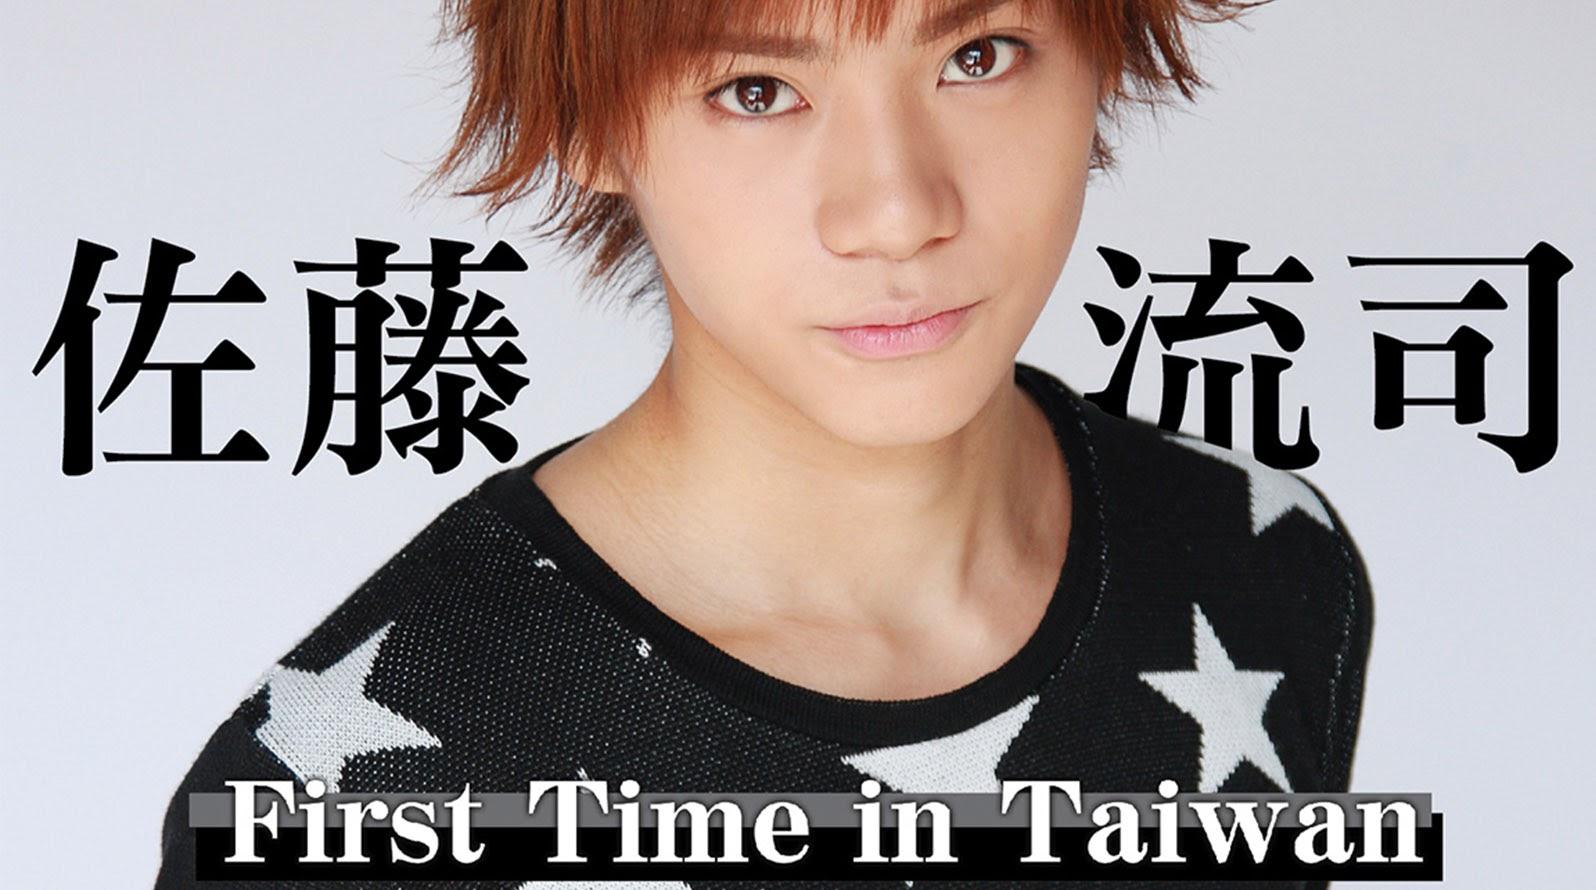 日本超人氣舞台劇演員佐藤流司 9月舉辦首次海外個人見面會